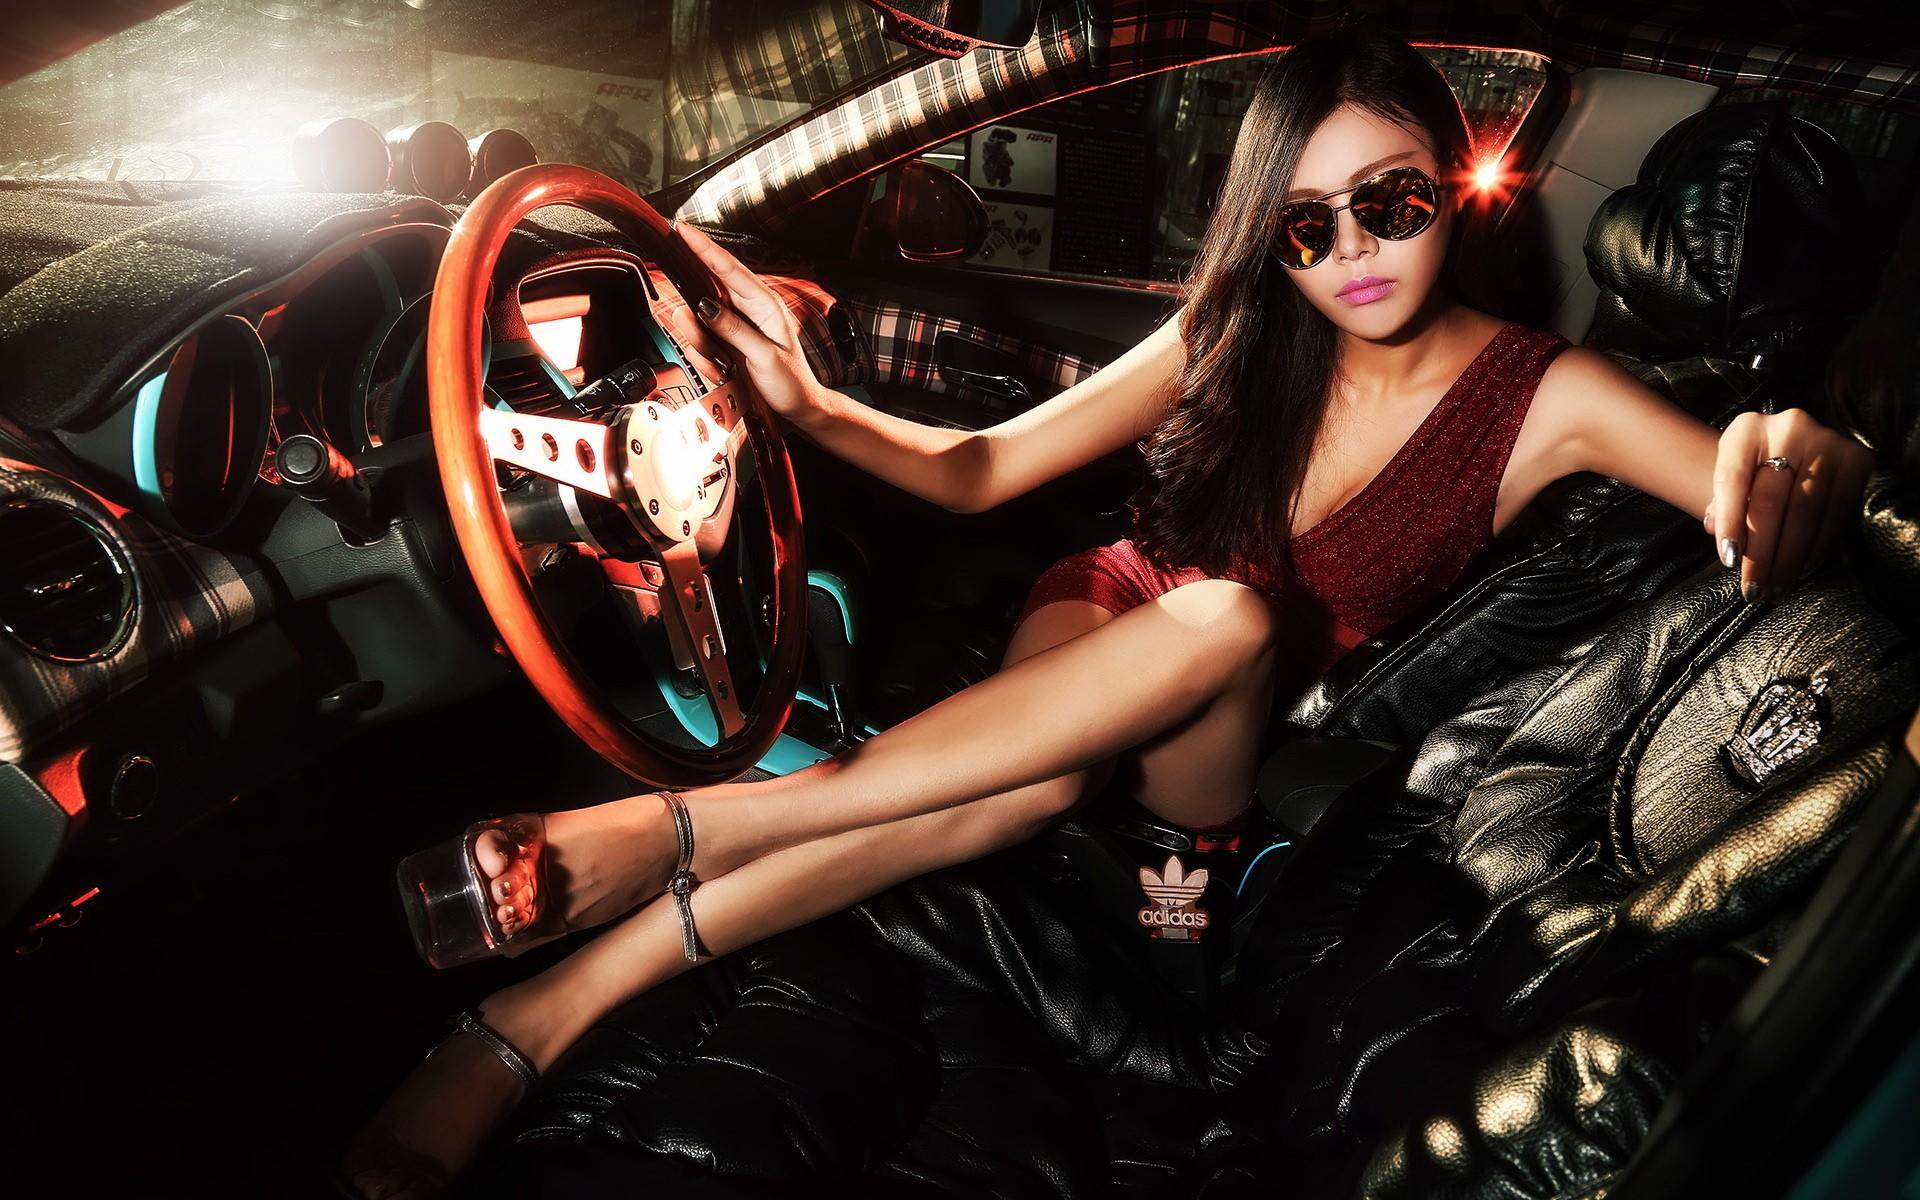 Фото профессиональные девушек возле машиной — 8